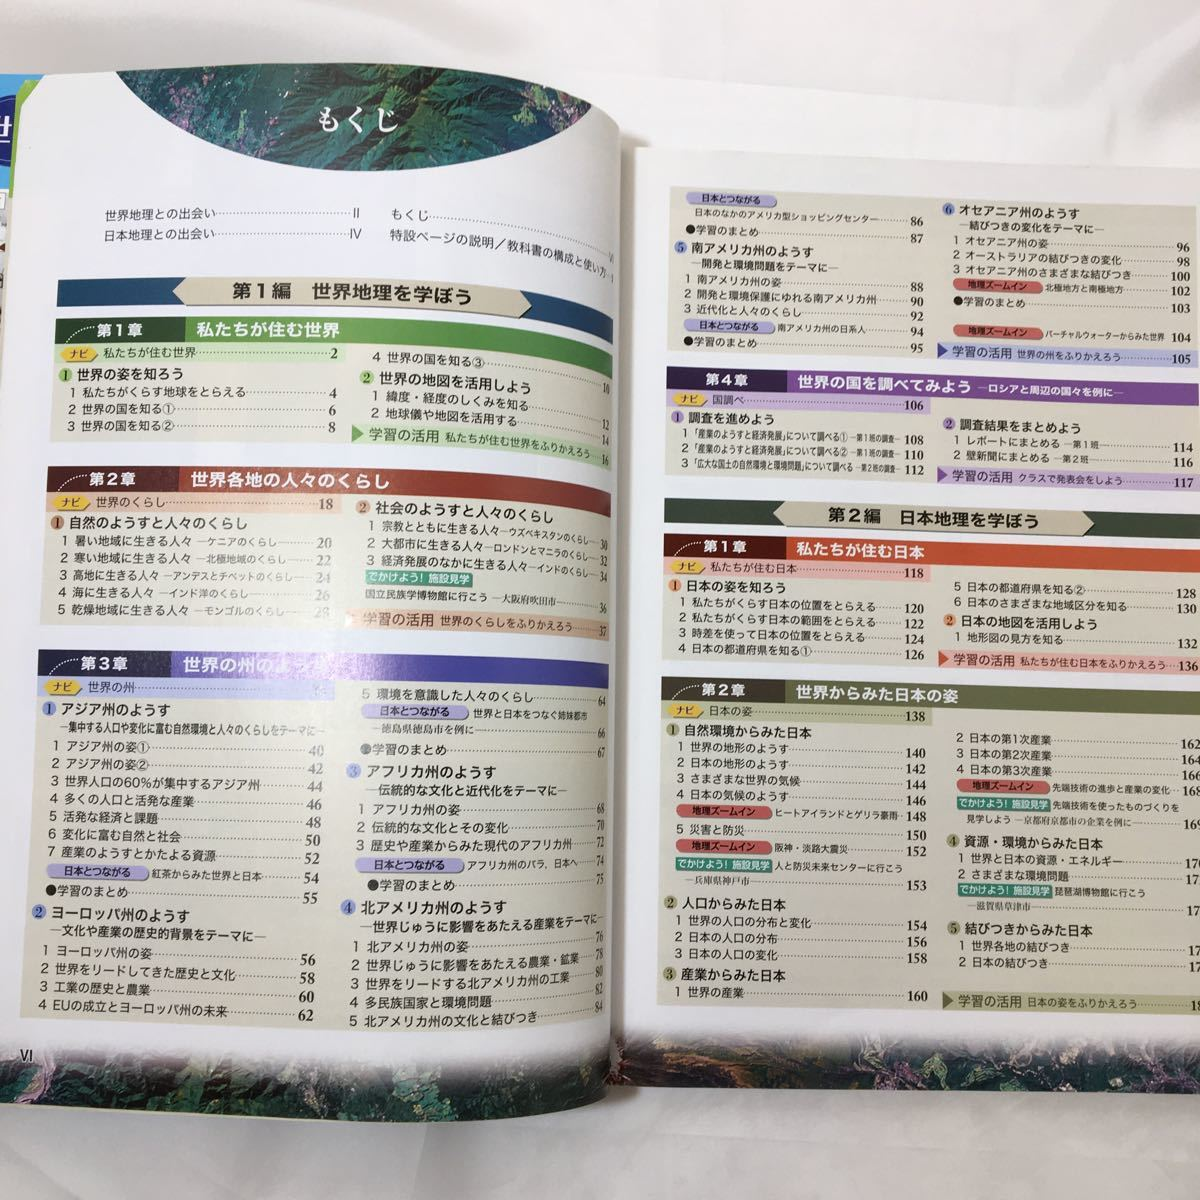 中学社会地理的分野 [平成24年度採用] 日本文教出版 (編集)教科書  単行本 2015年発行  z-75